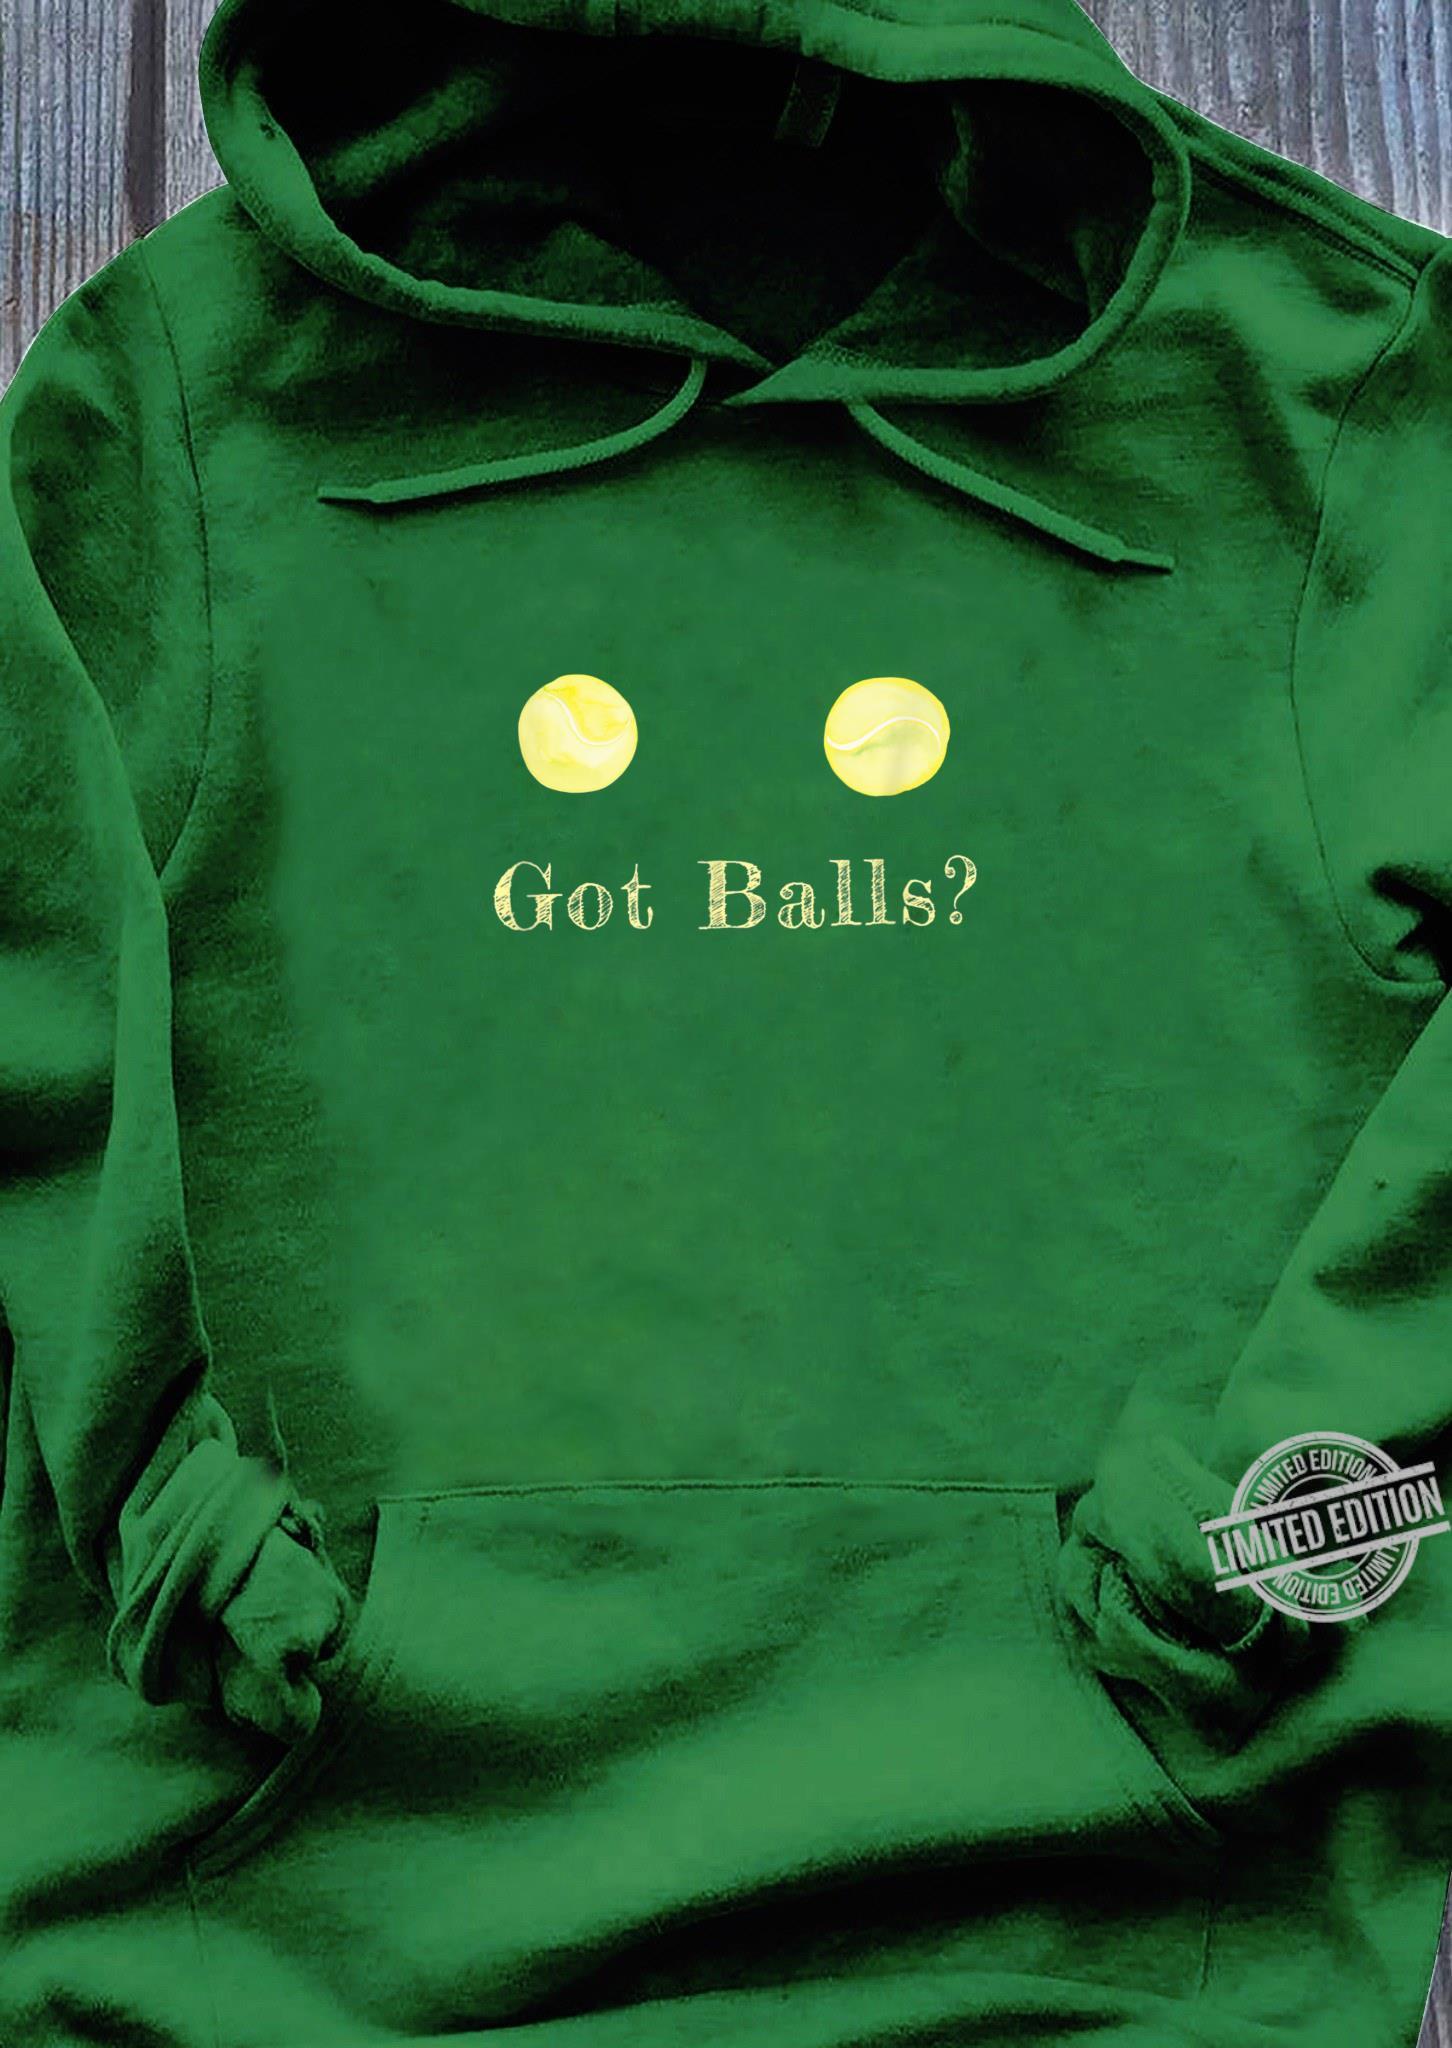 Got Balls Tennis Balls Shirt hoodie